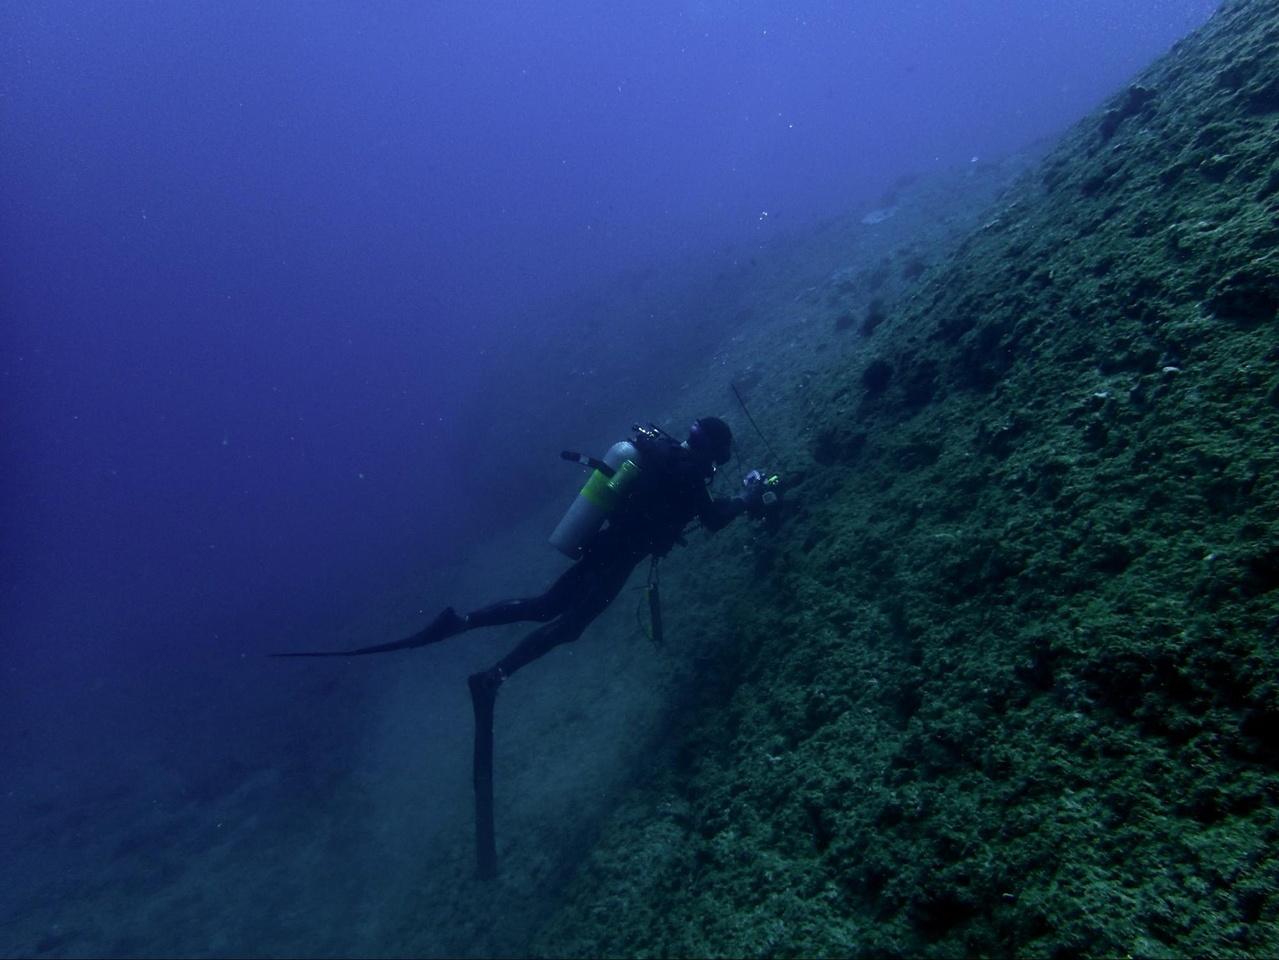 Researcher installs recorder under water.